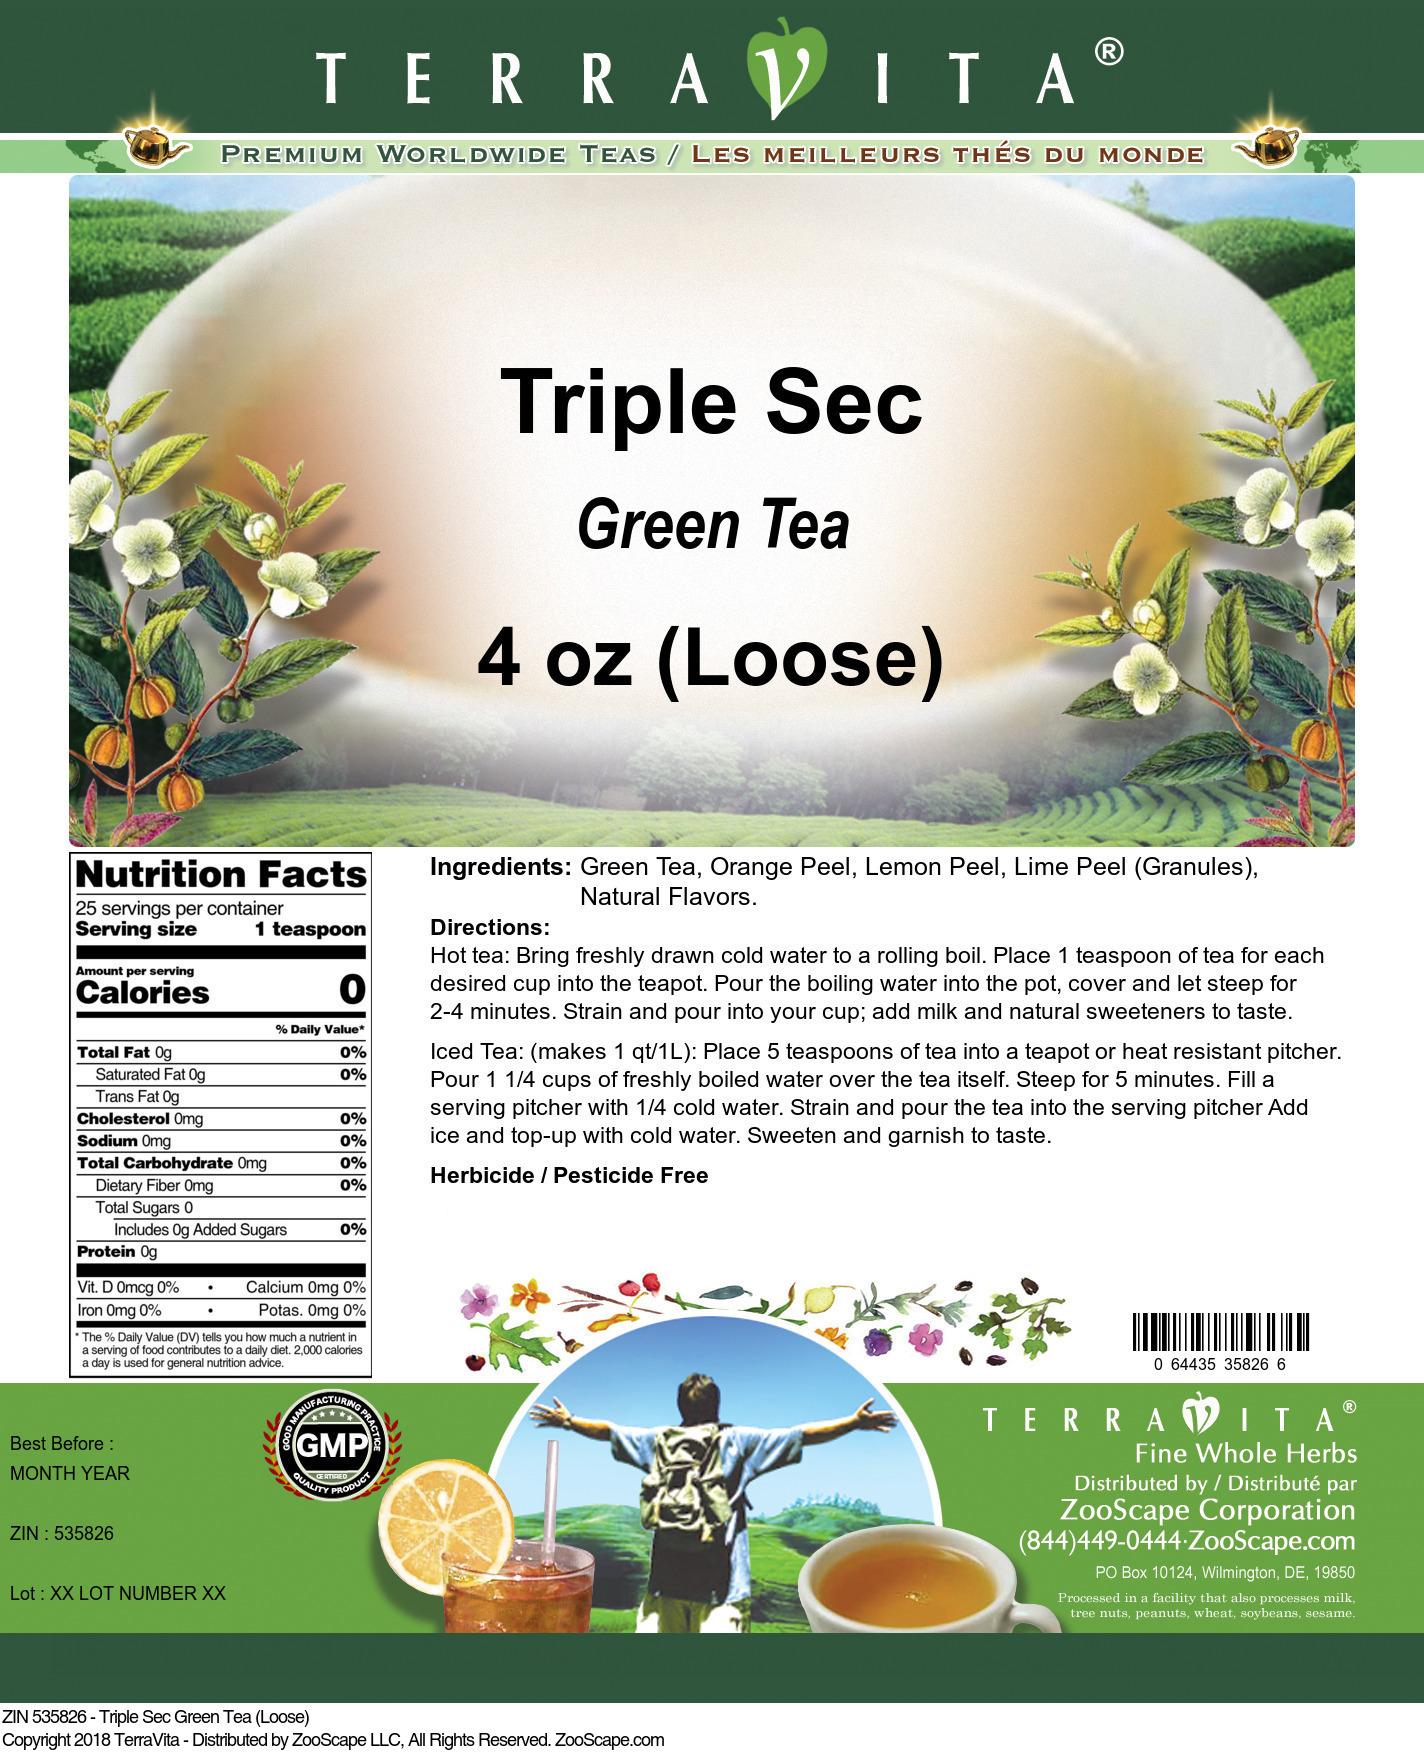 Triple Sec Green Tea